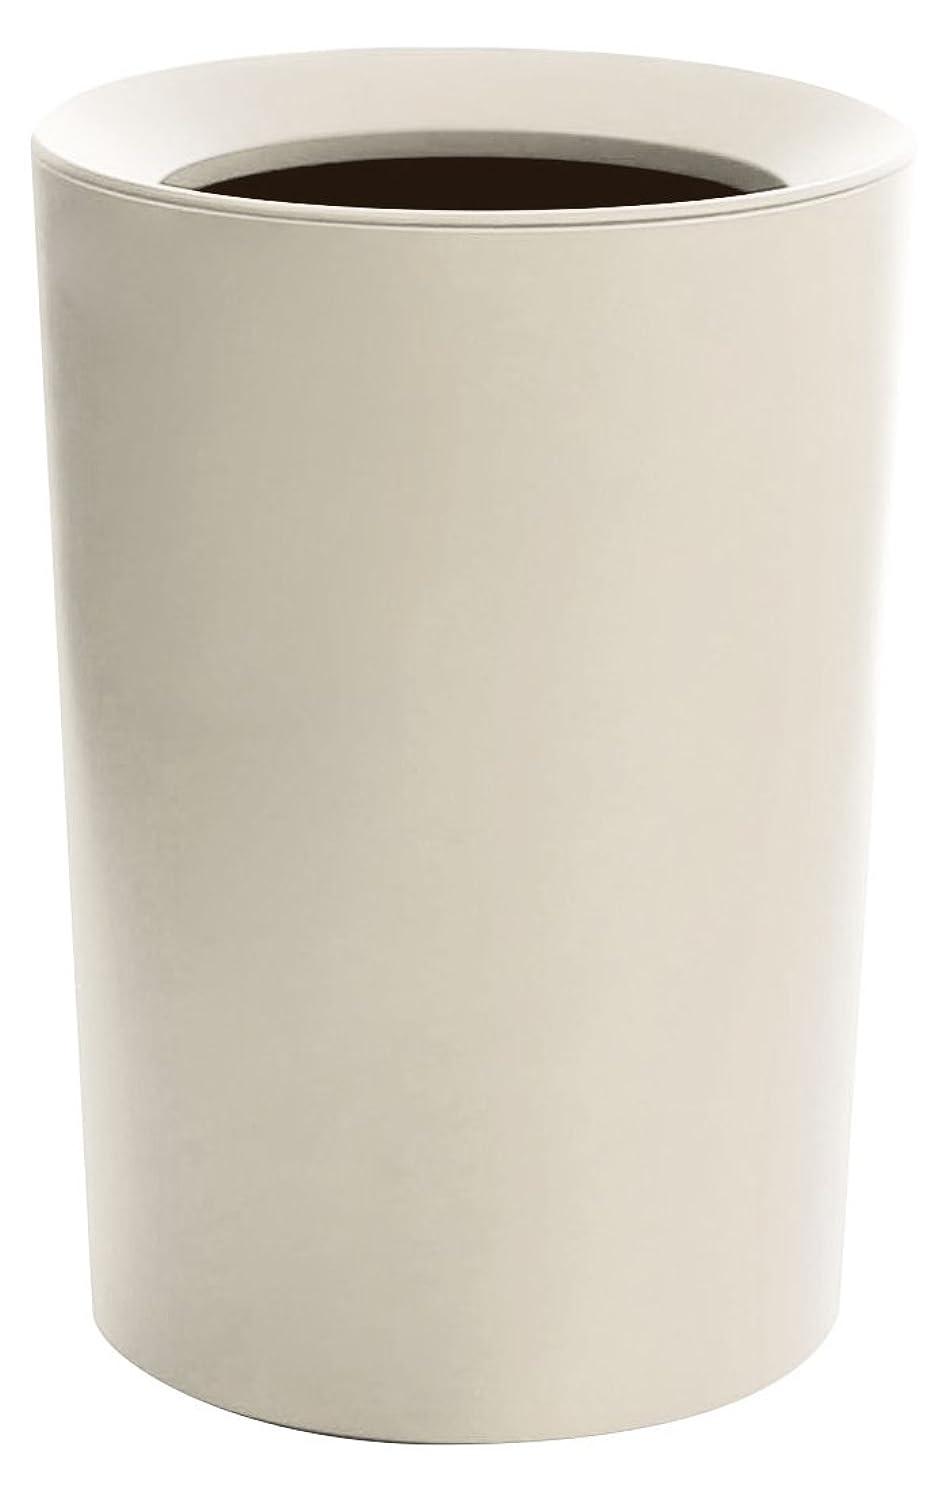 印象的野ウサギわなアスベル フタなしゴミ箱 ホワイト Φ22.2×31.8 ルクレール2重構造くず入CV丸形